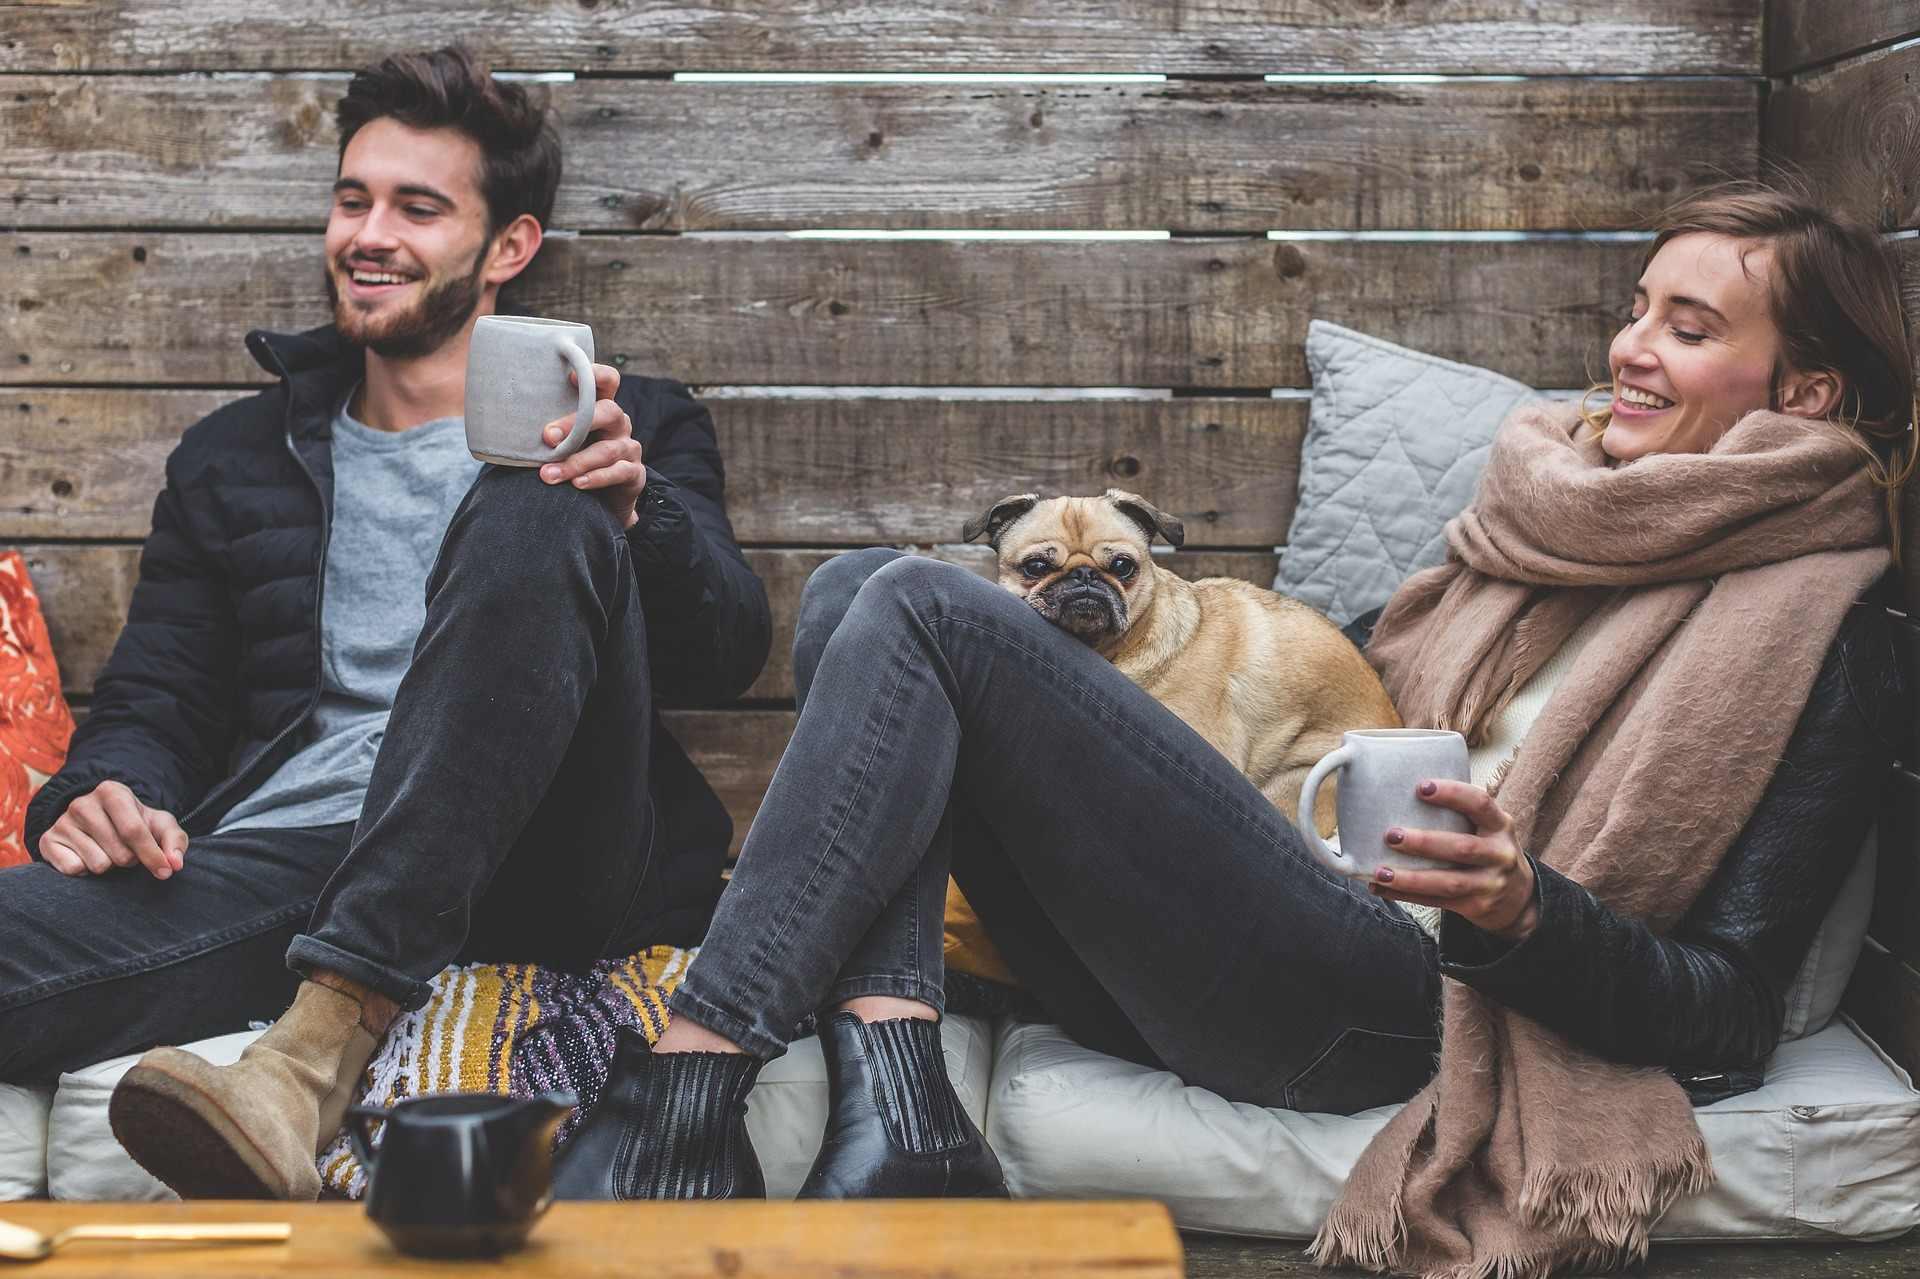 人與狗狗之間的問題有時候不在於狗,比起不適合狗狗身體構造的口罩,狗主人的平時對狗狗的照顧、態度或是給予的生活環境更為關鍵,為什麼不應該套嘴呢?以下為反對狗被套嘴的4個理由: